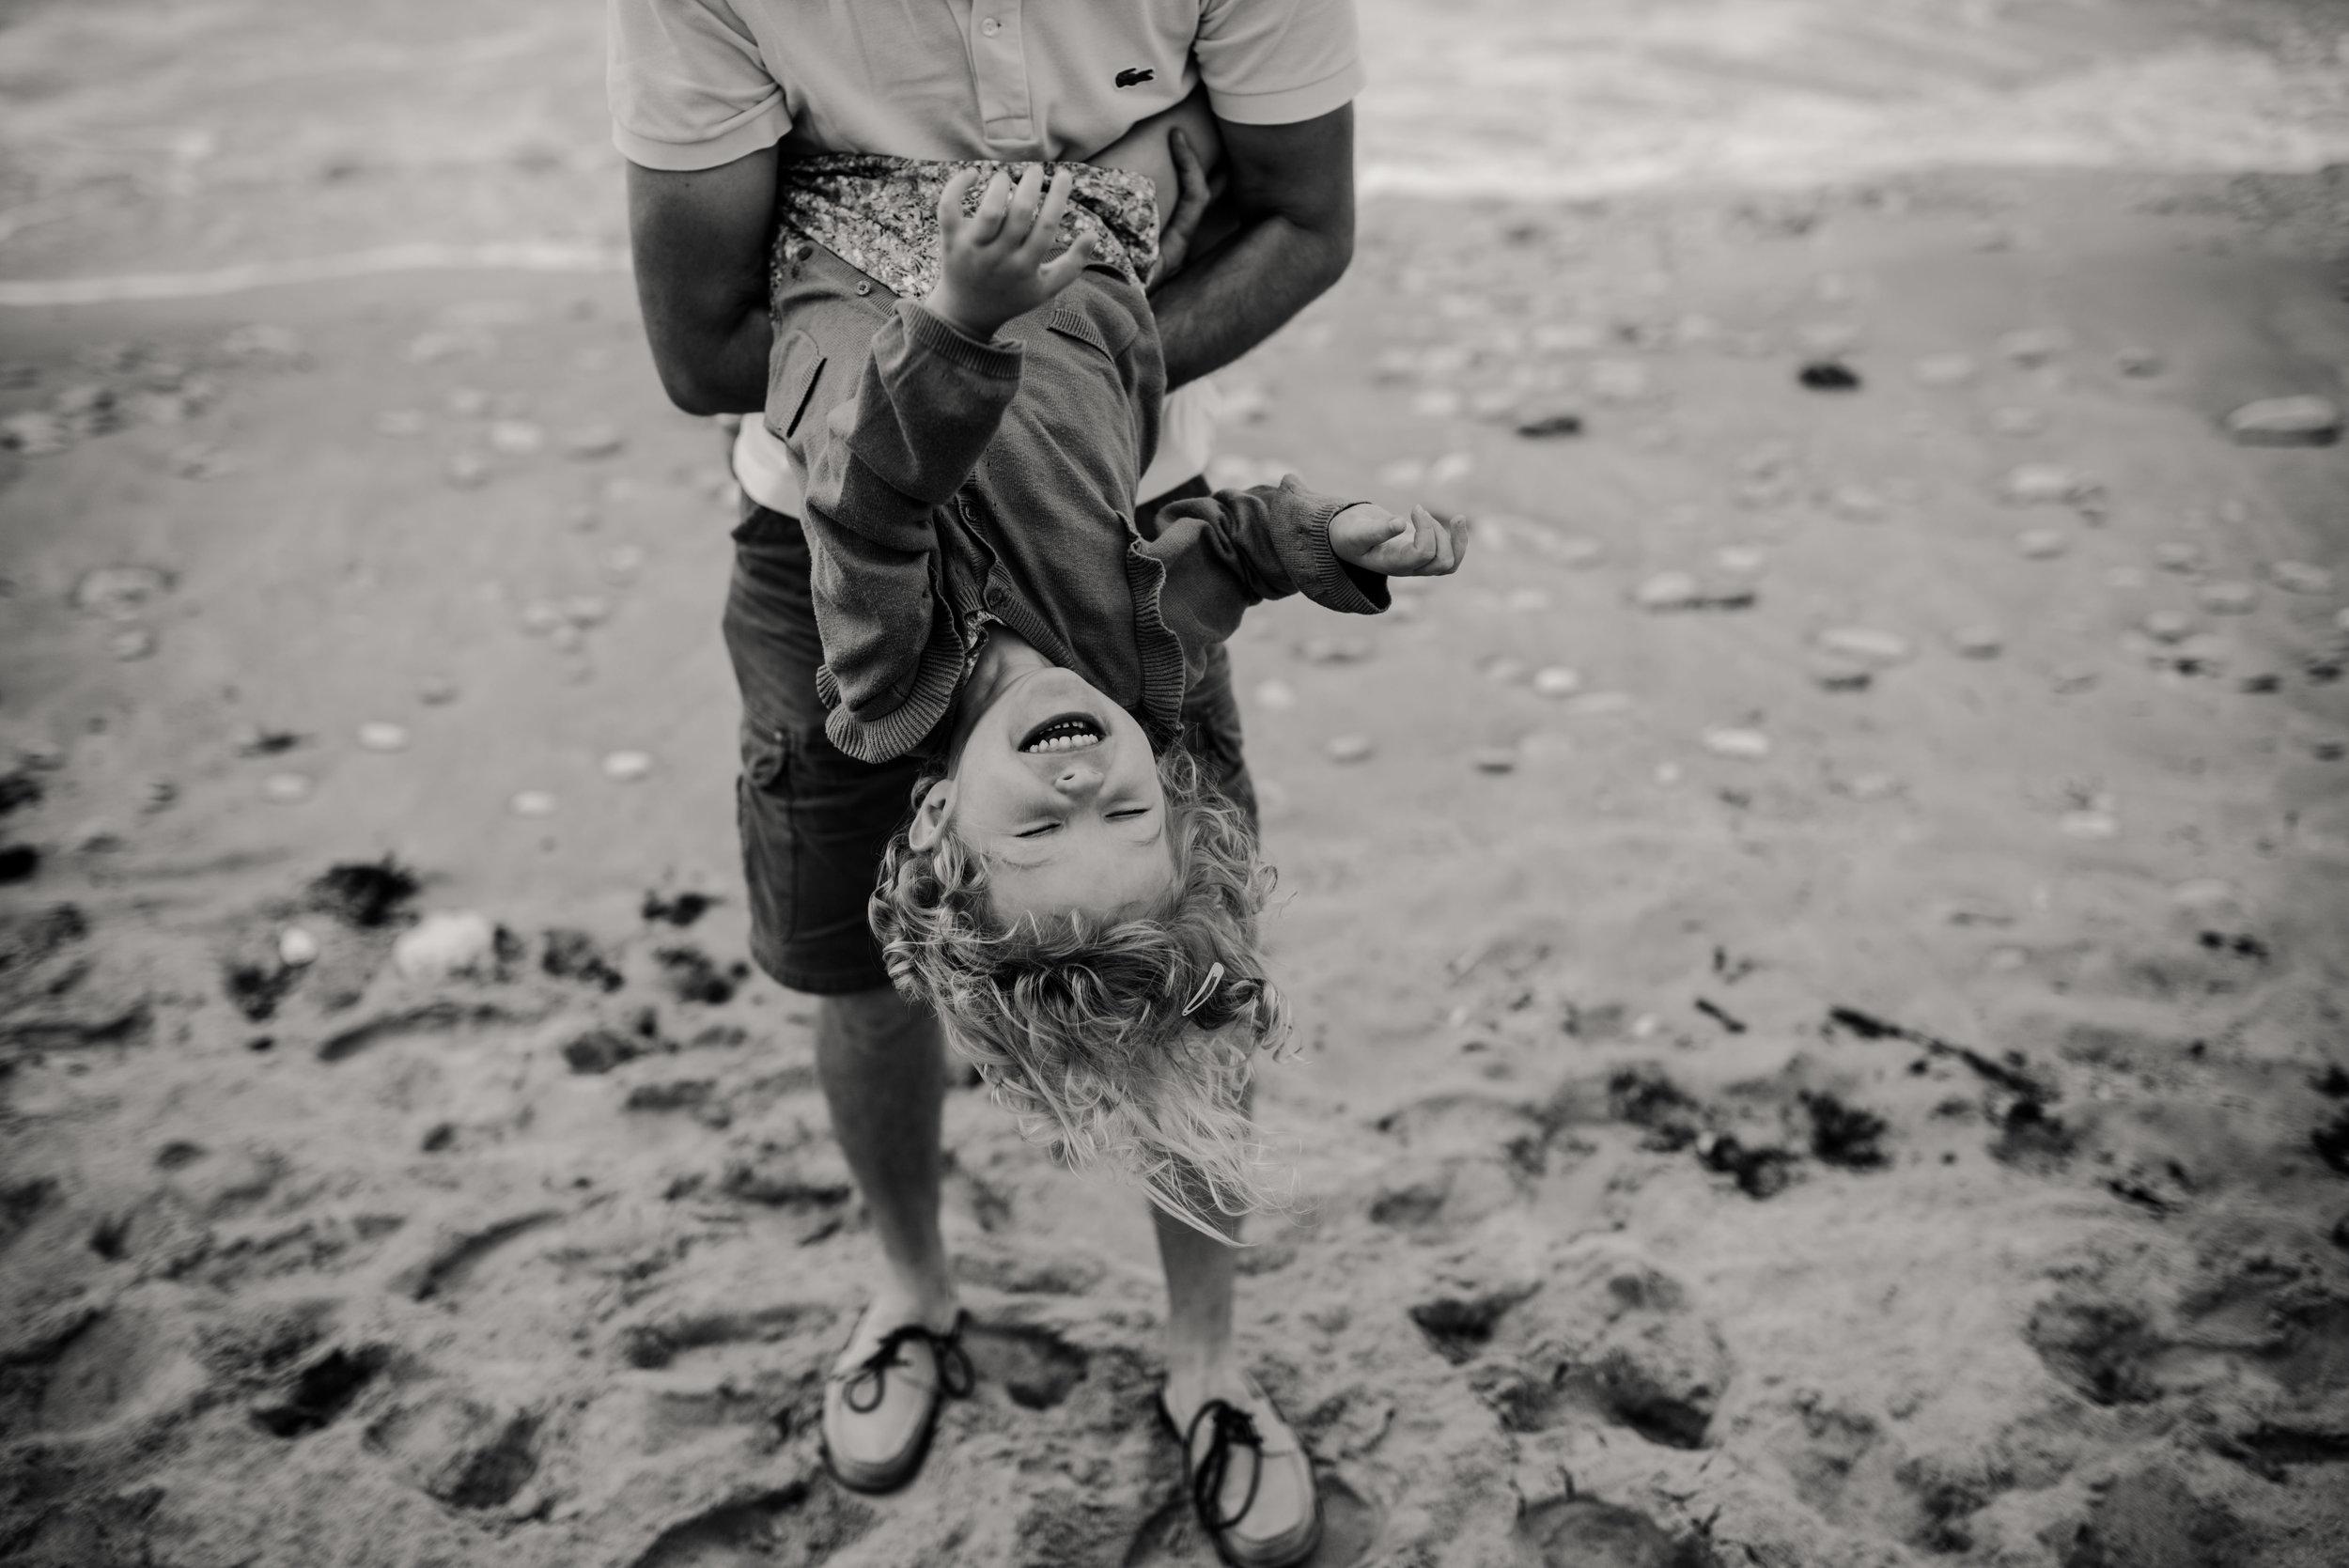 Léa-Fery-photographe-professionnel-lyon-rhone-alpes-portrait-creation-mariage-evenement-evenementiel-famille-2573.jpg